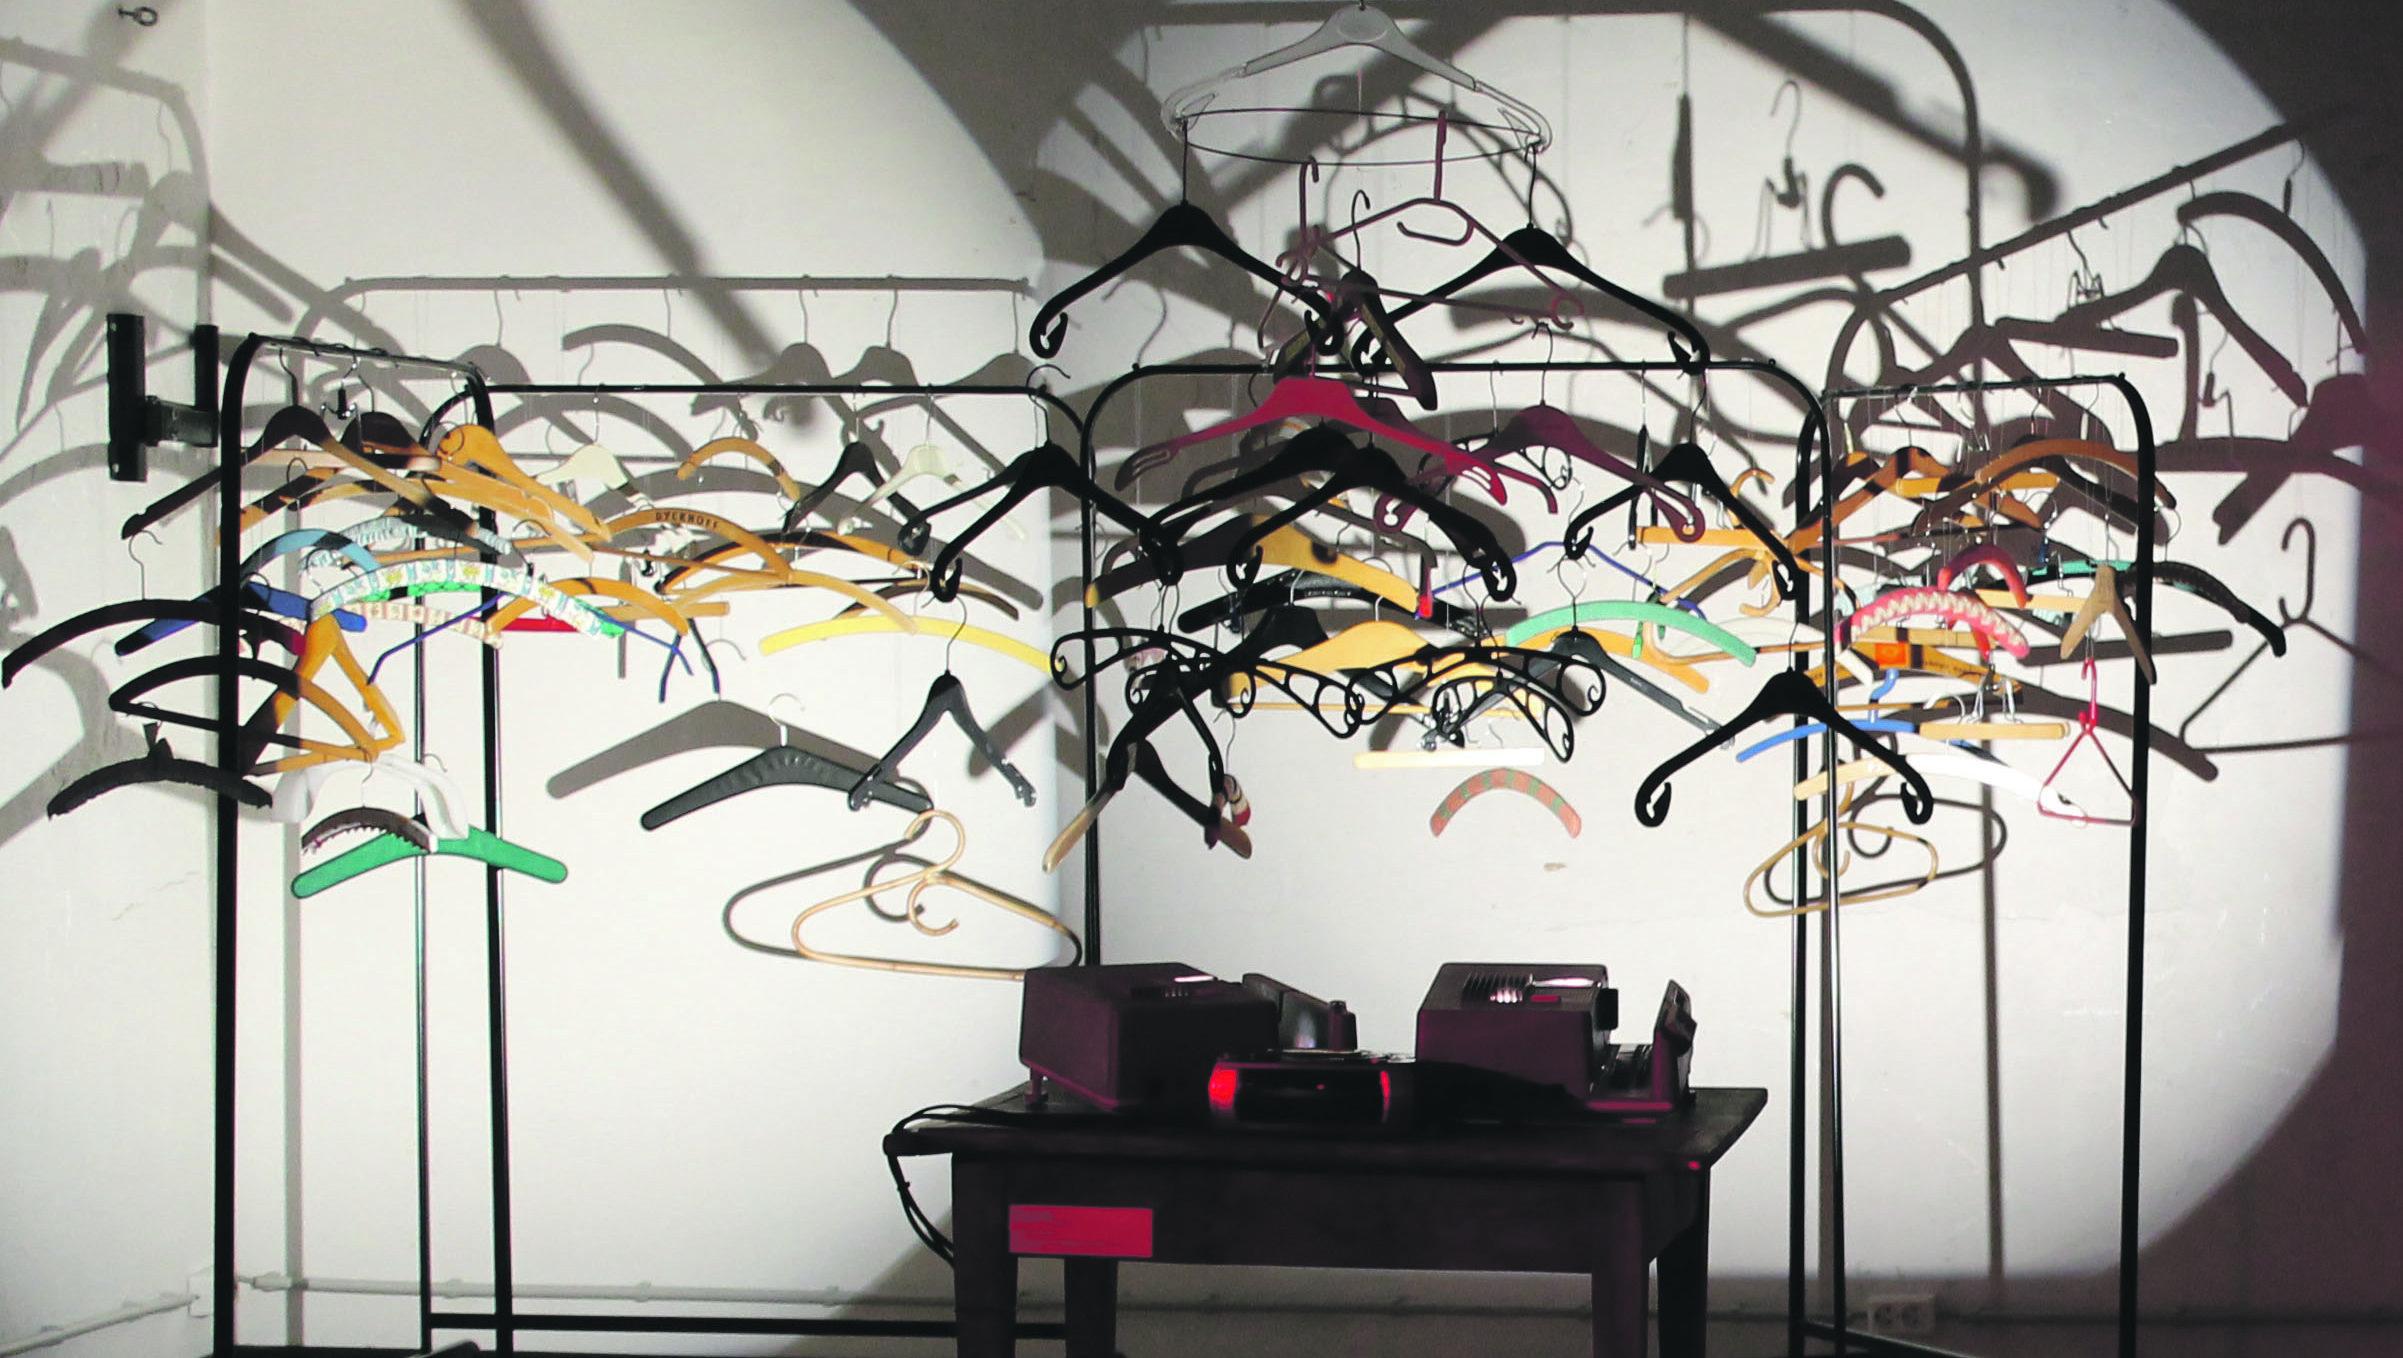 Die ausgestellten Werke spielen mit Wirklichkeit und Illusion. Bild: Deborah Hangings-Evans